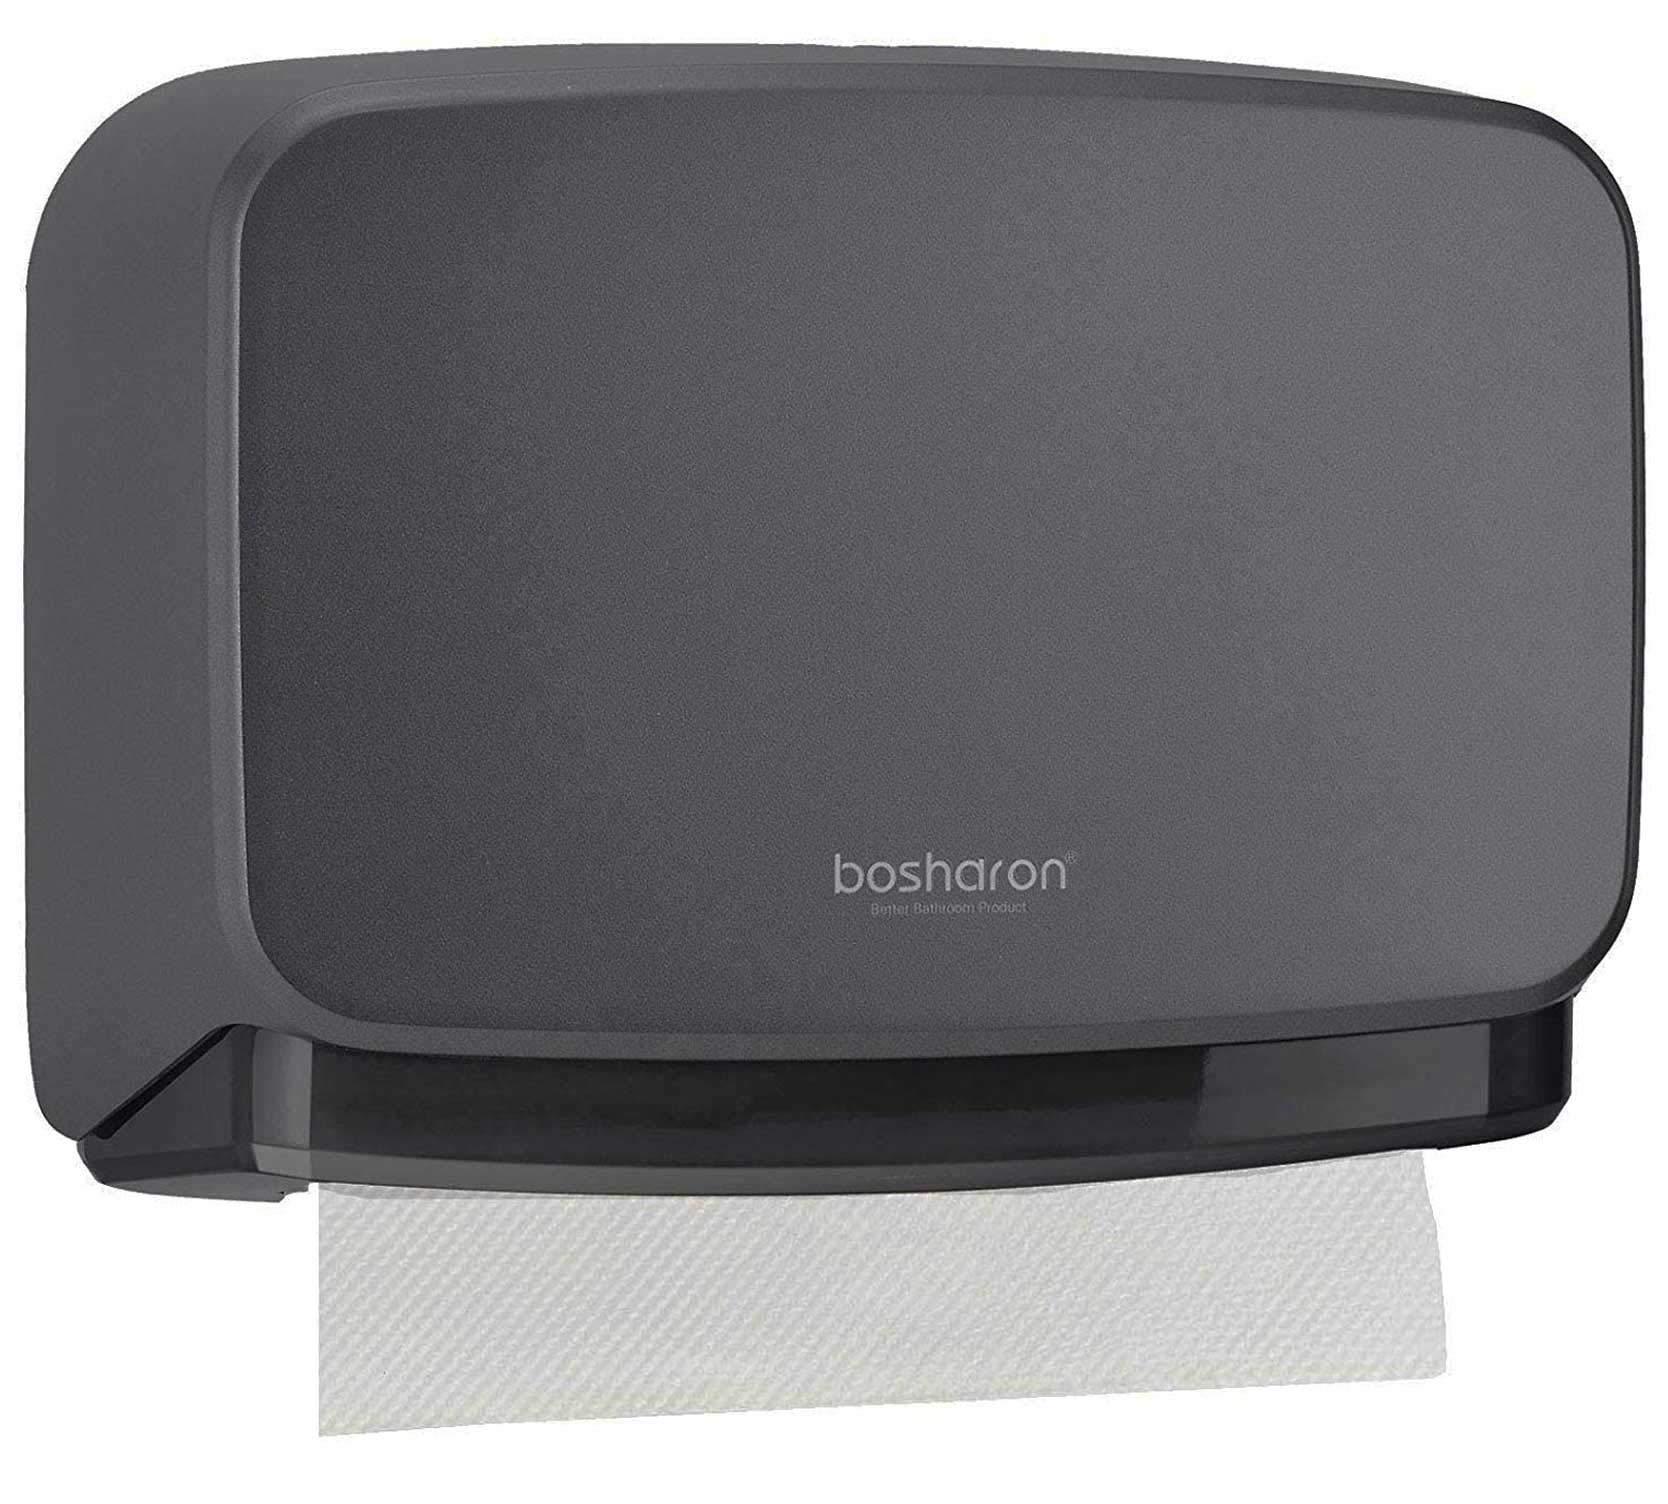 Bosharon Wall-Mounted Paper Towel Dispenser Bathroom Tissue Dispenser Tissue Holder (Grey) by Bosharon